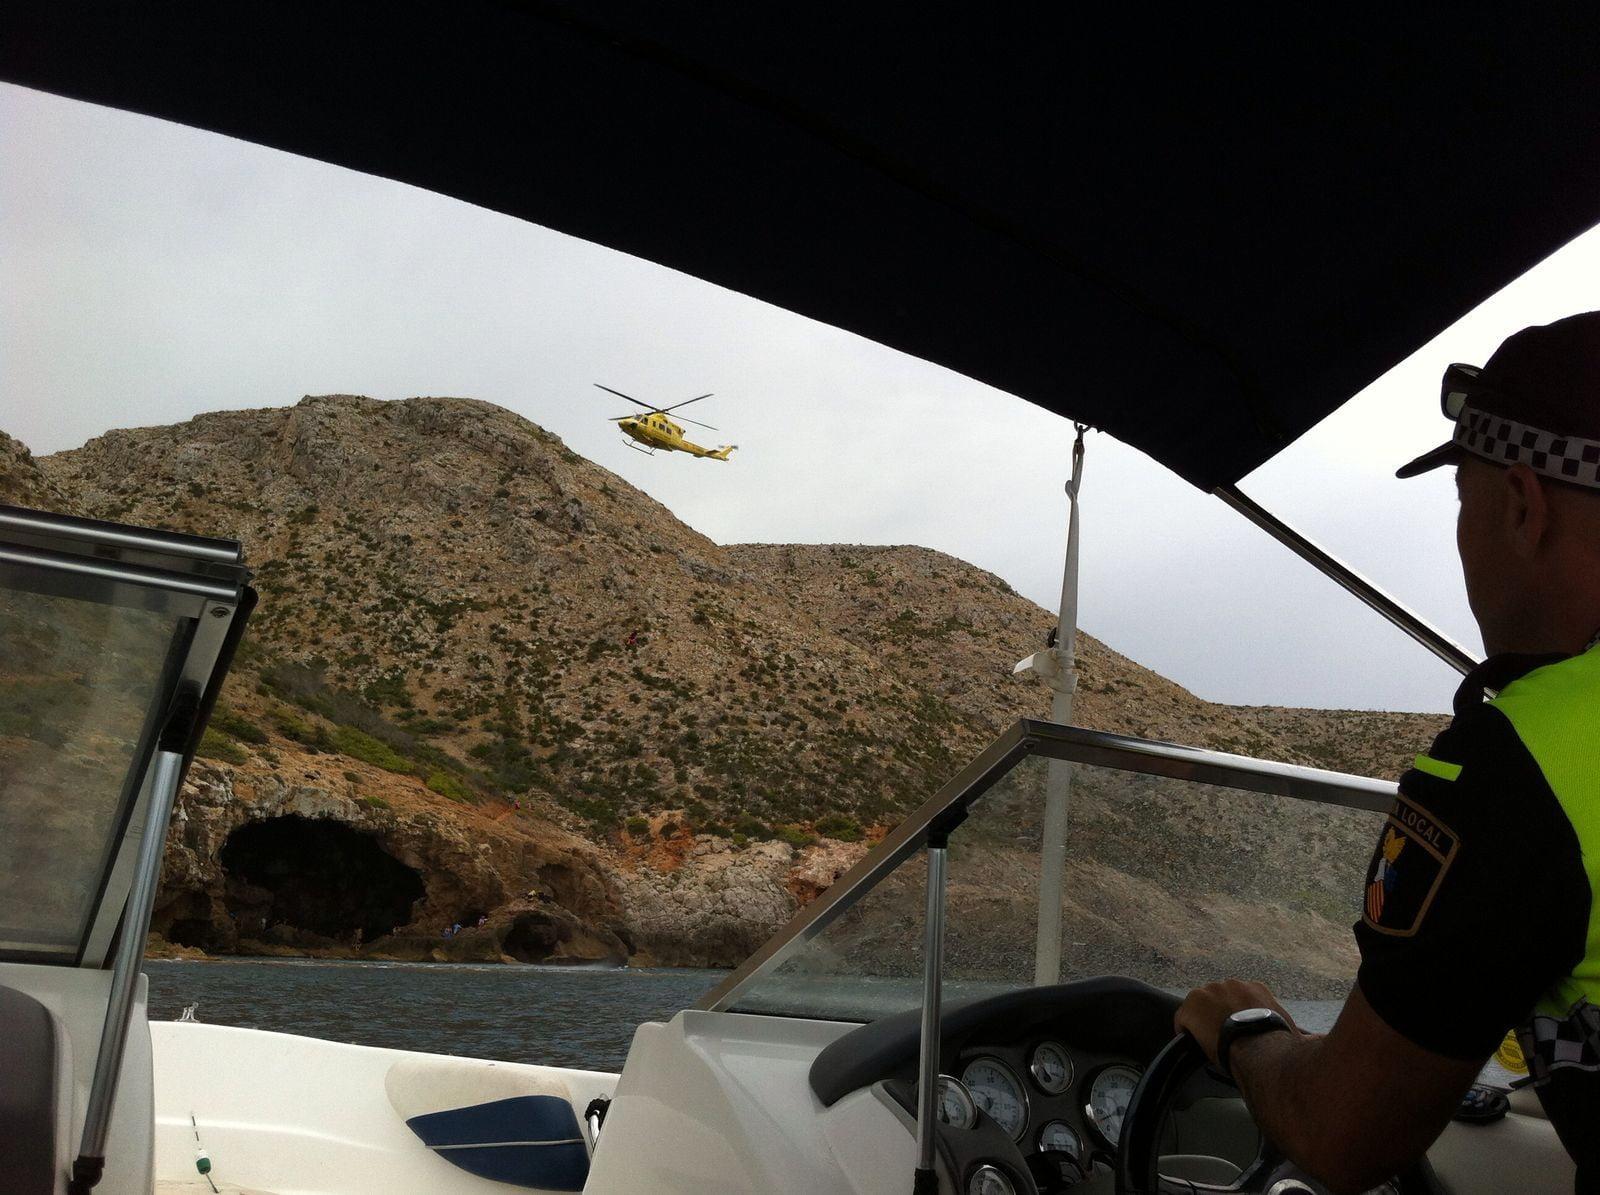 Helicóptero de rescate acercándose a la Cova Tallada